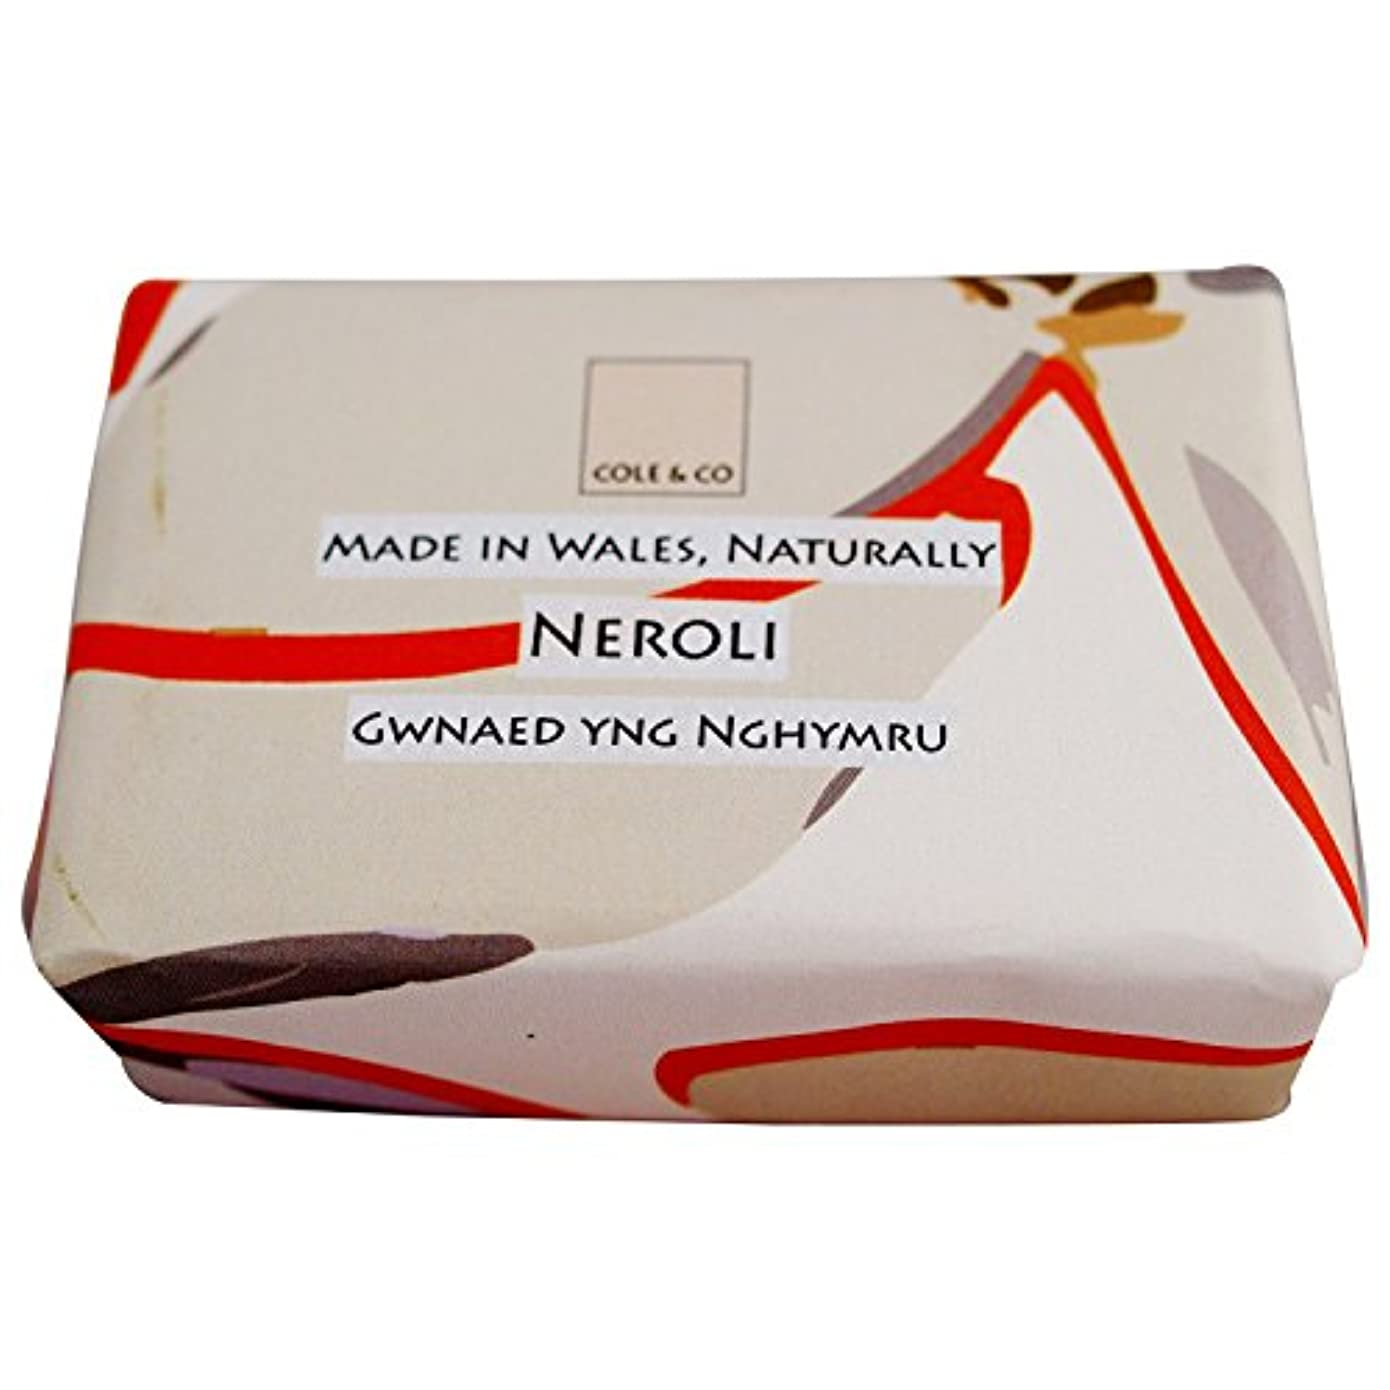 ジョリー輝く雰囲気コール&共同ネロリ石鹸80グラム (Cole & Co) - Cole & Co Neroli Soap 80g [並行輸入品]